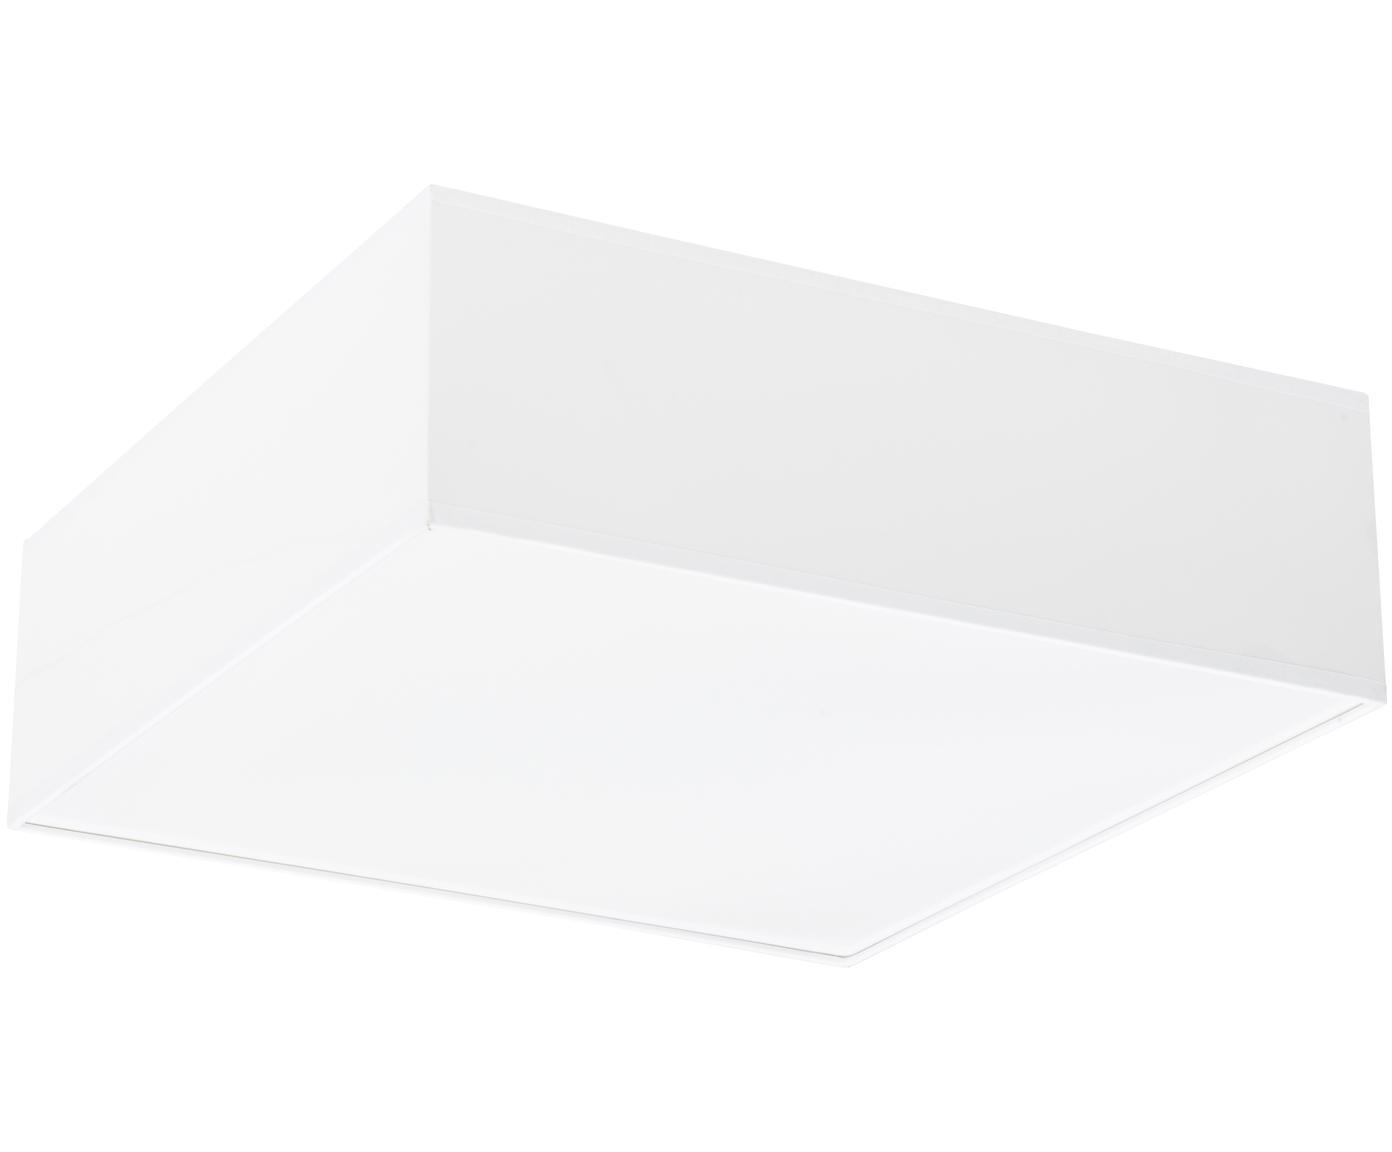 Deckenleuchte Mitra aus Kunststoff, Kunststoff (PVC), Rahmen: Weiß<br>Diffusor: Weiß, 35 x 12 cm